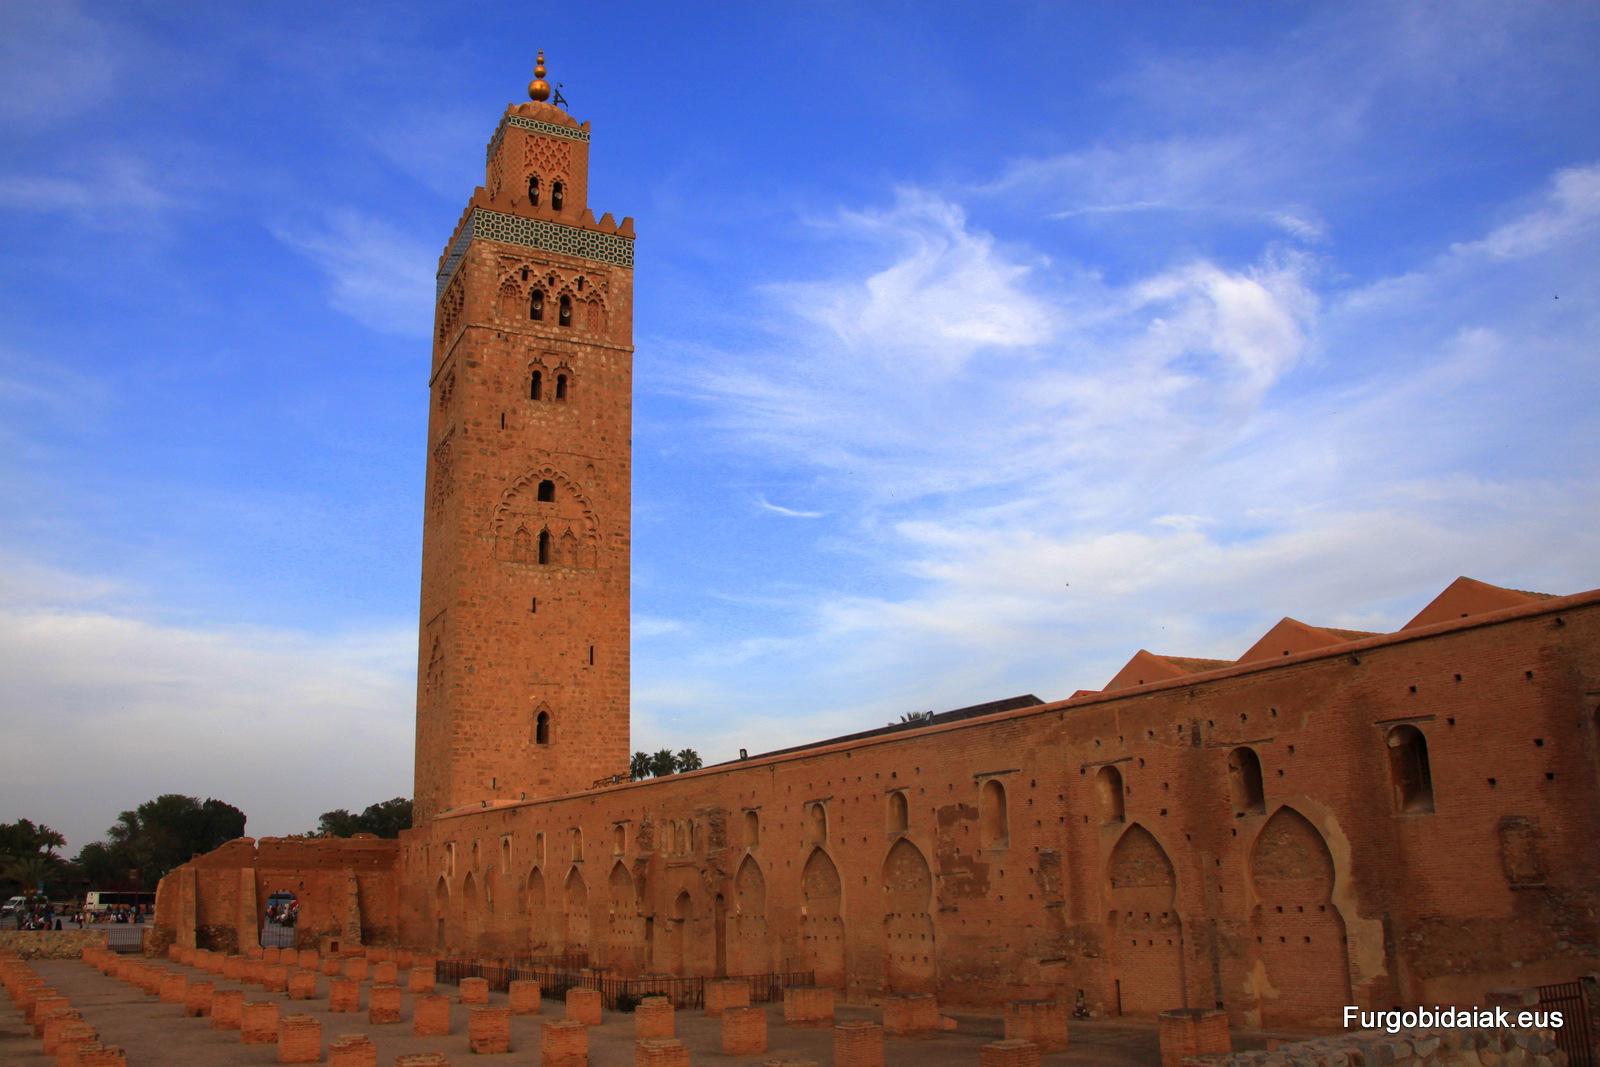 Koutoubia, Marruecos en furgoneta camper